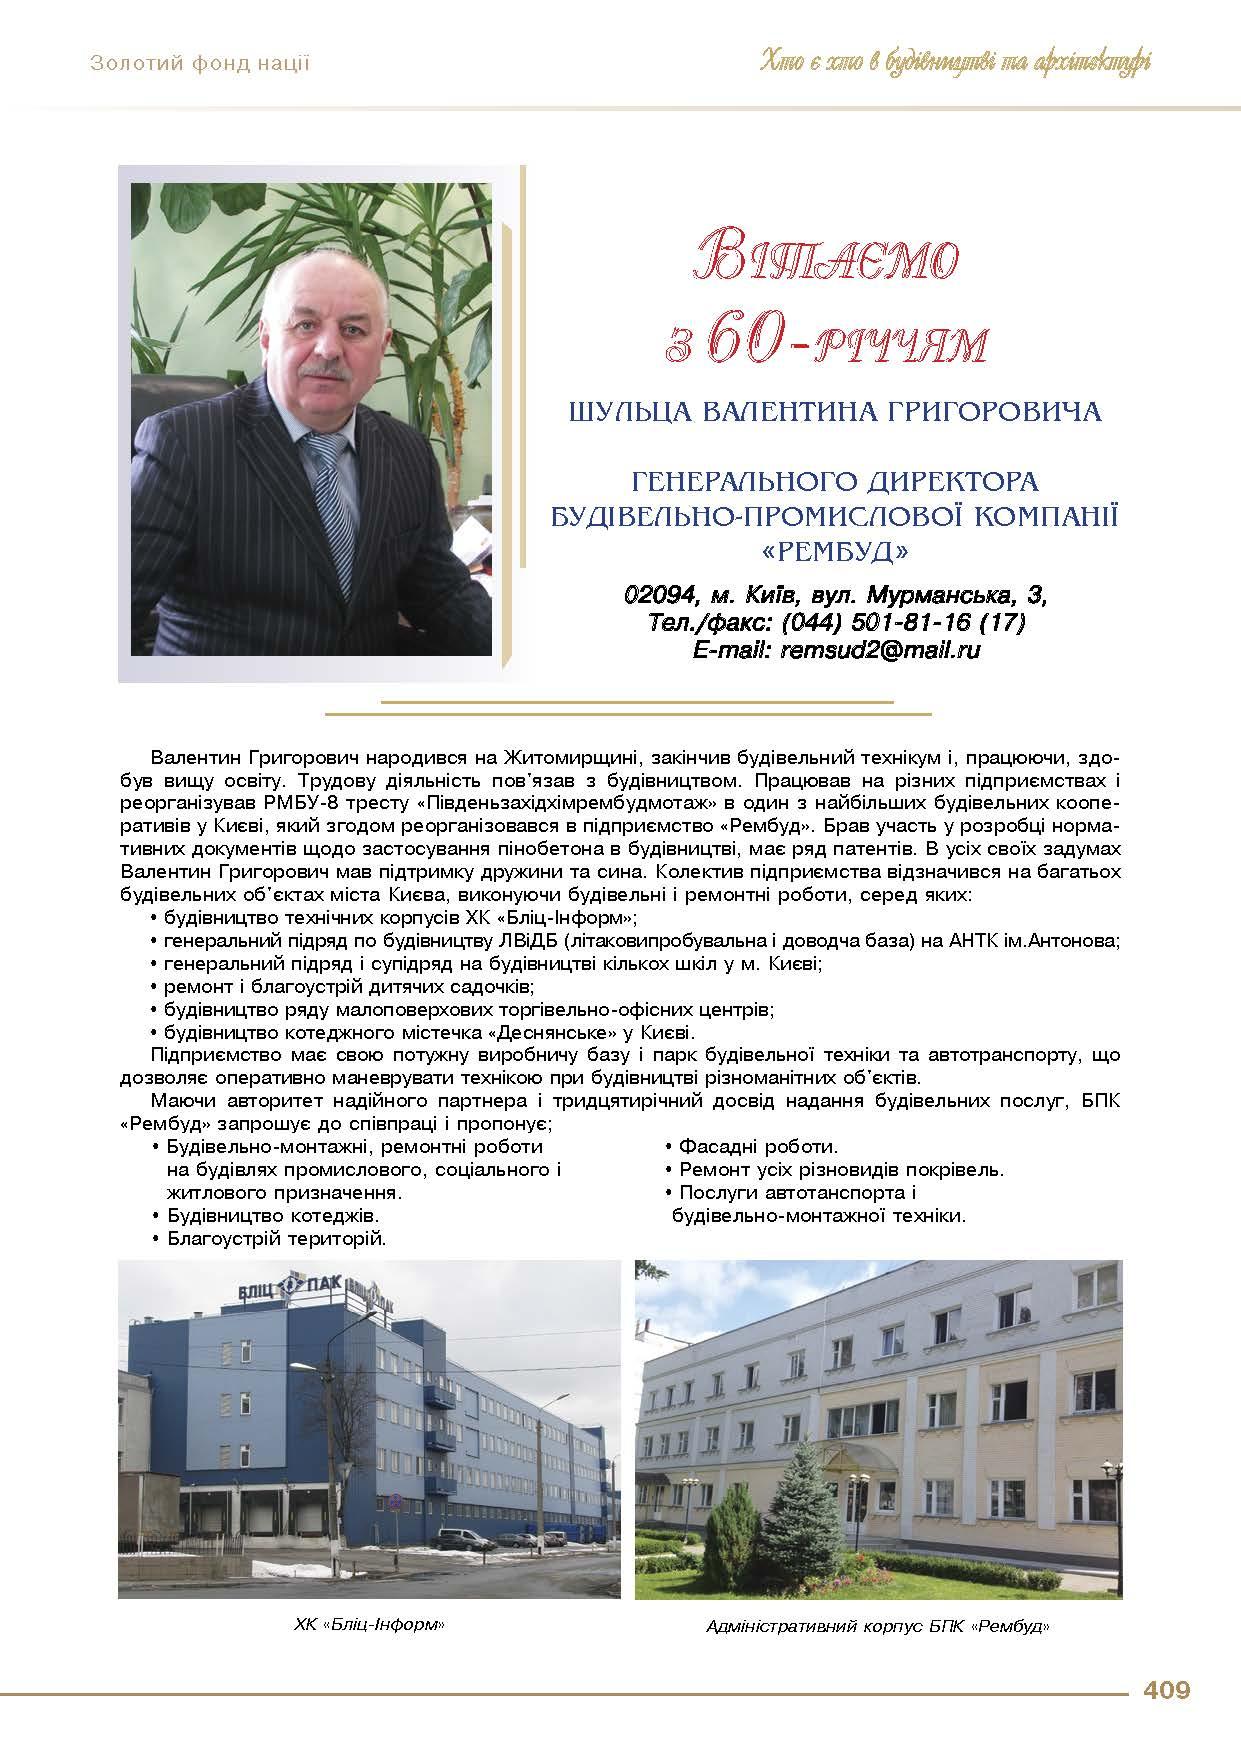 Будівельно-промислової компанії «Рембуд» - Шульца Валентина Григоровича